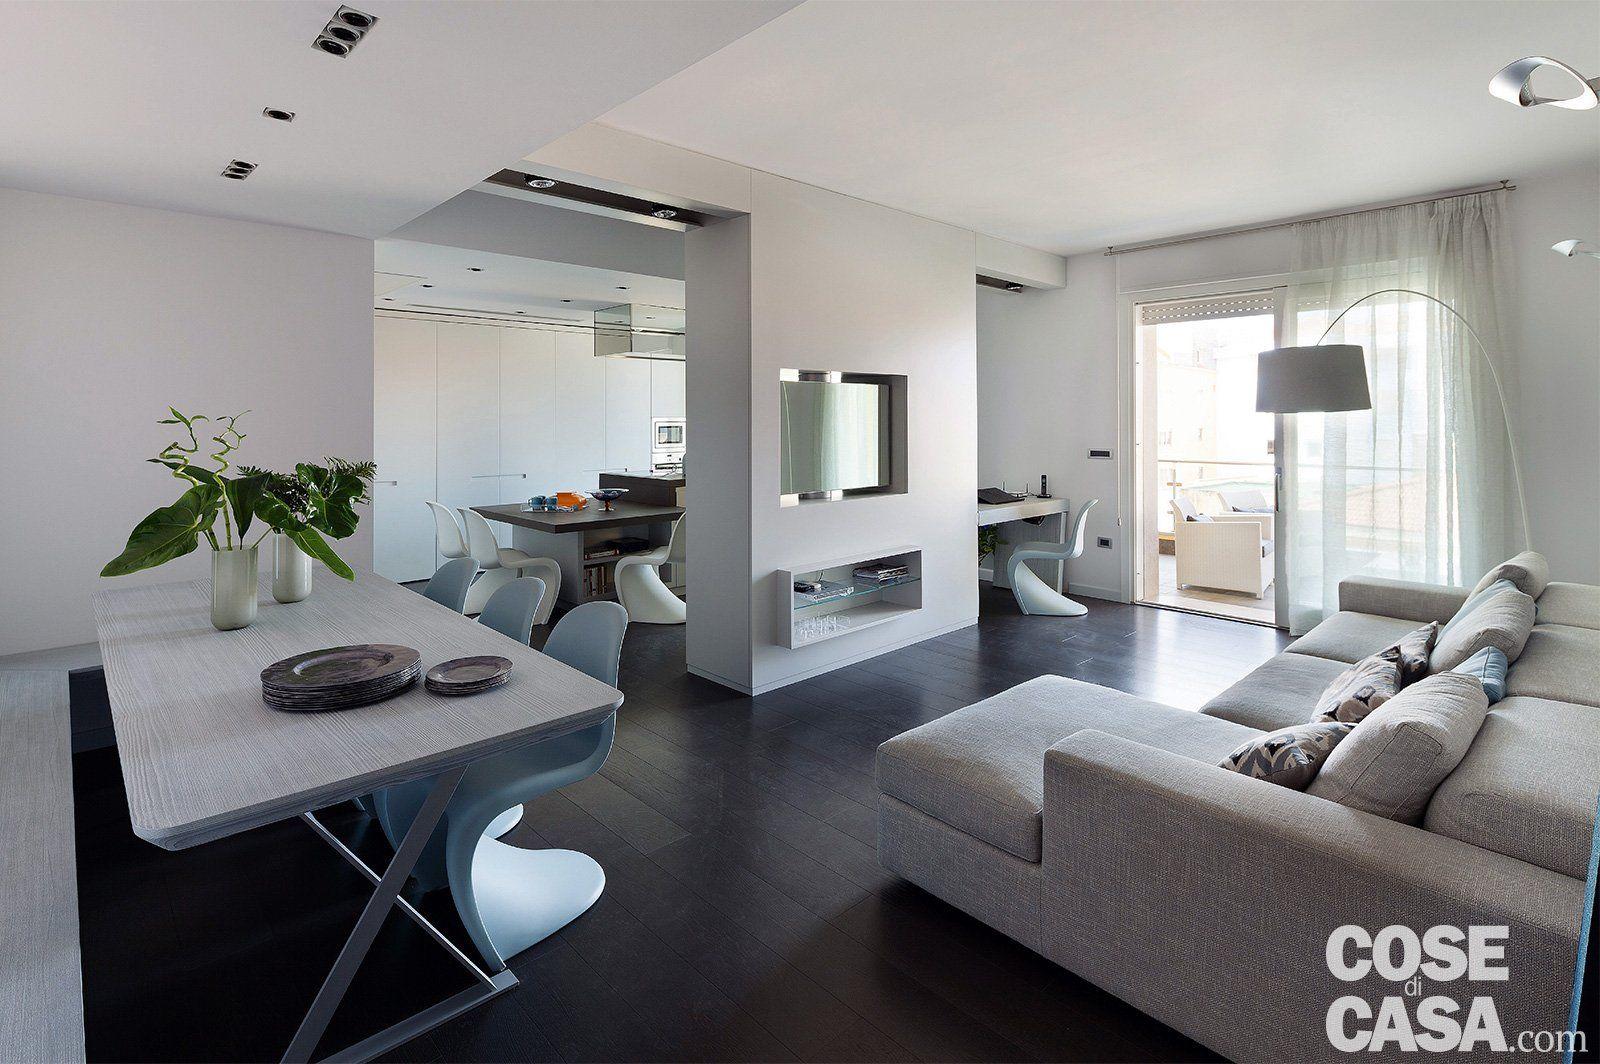 Arredamento Bianco Grigio E Nero.75 Mq Una Casa Con Geometrie In Bianco E Nero Progetti Da Provare